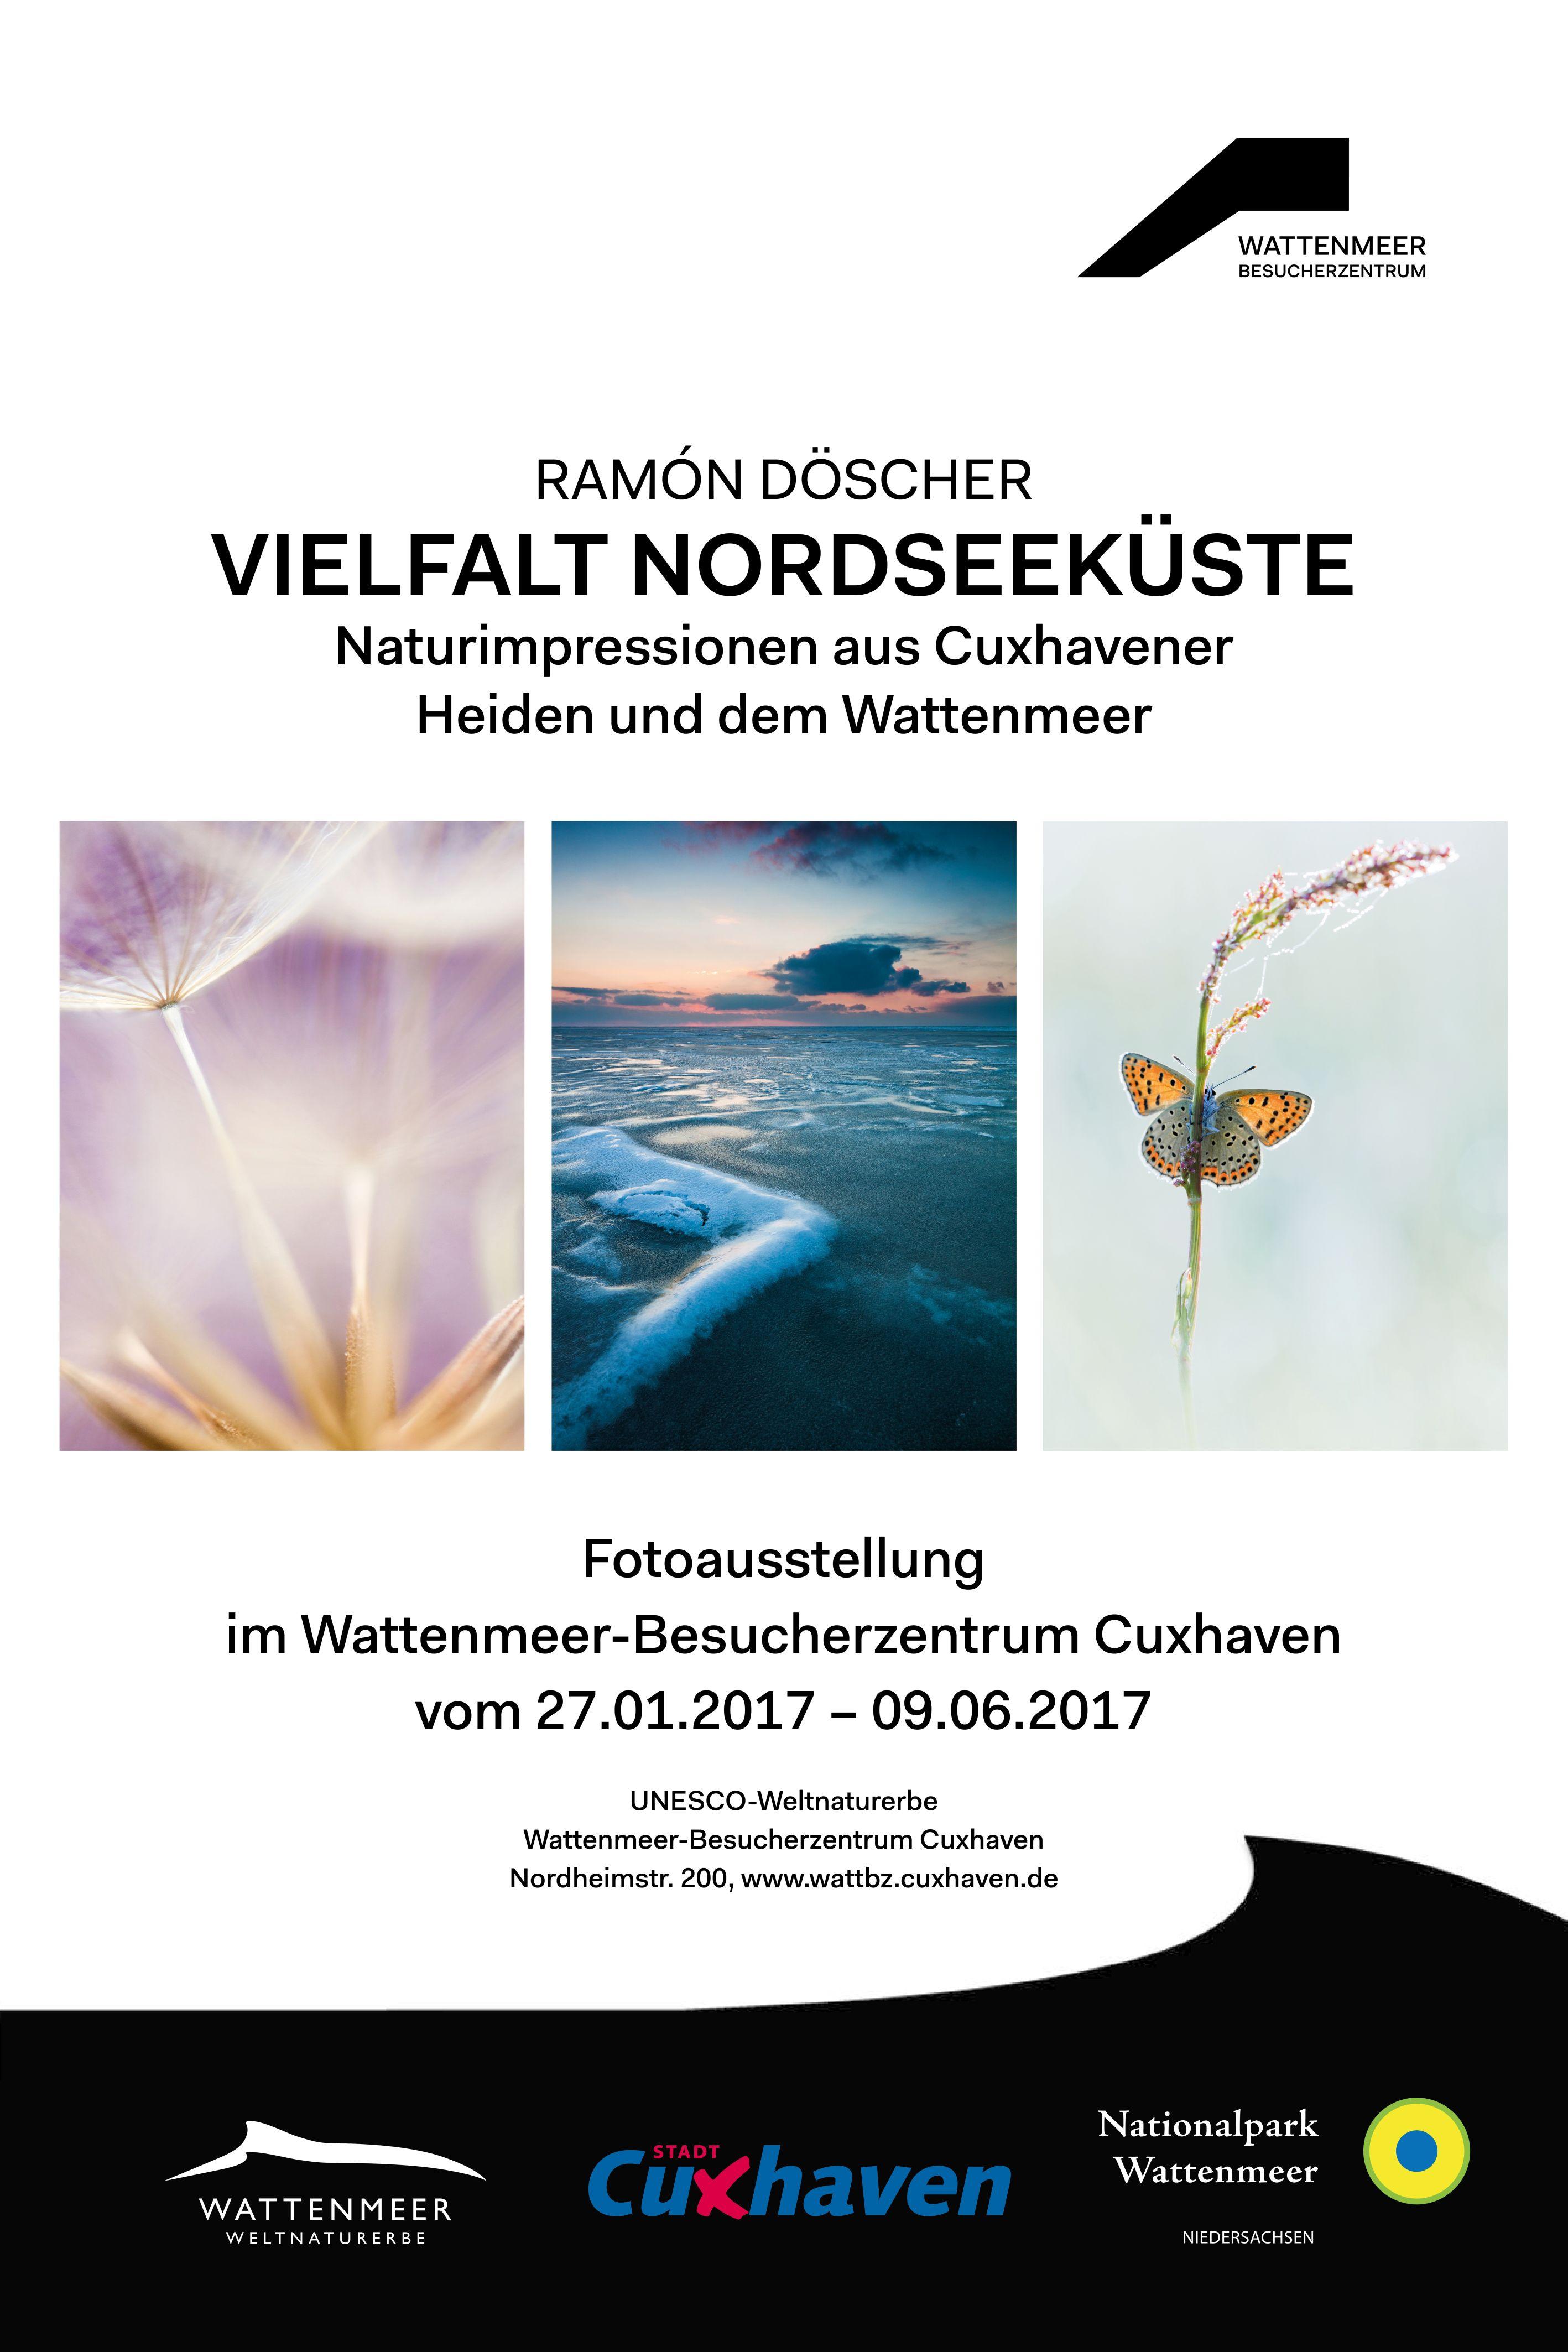 """Sonderausstellung """"Vielfalt Nordseeküsten – Naturimpressionen aus Cuxhavener Heiden und dem Wattenmeer""""  - Vernissage am 27. Januar um 17 Uhr im WattBz"""